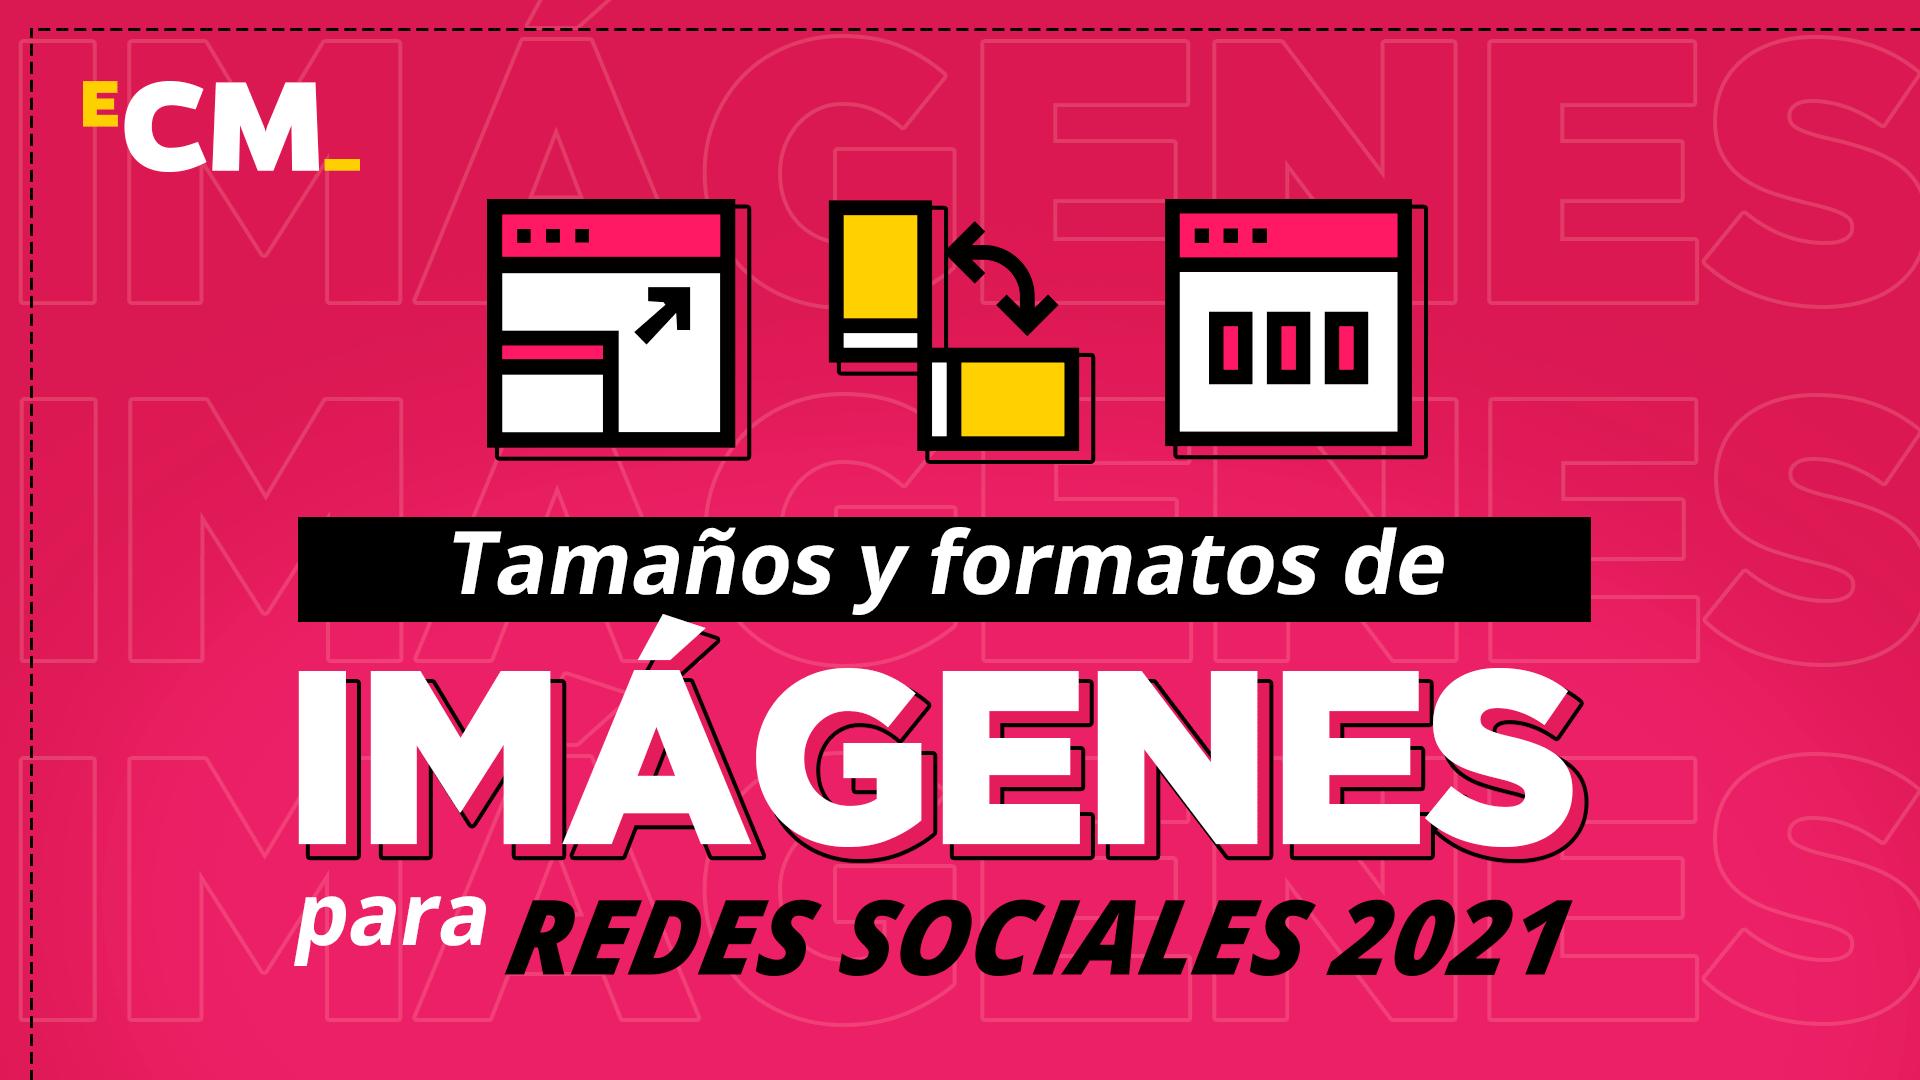 Tamaños y formatos de imágenes para redes sociales 2021